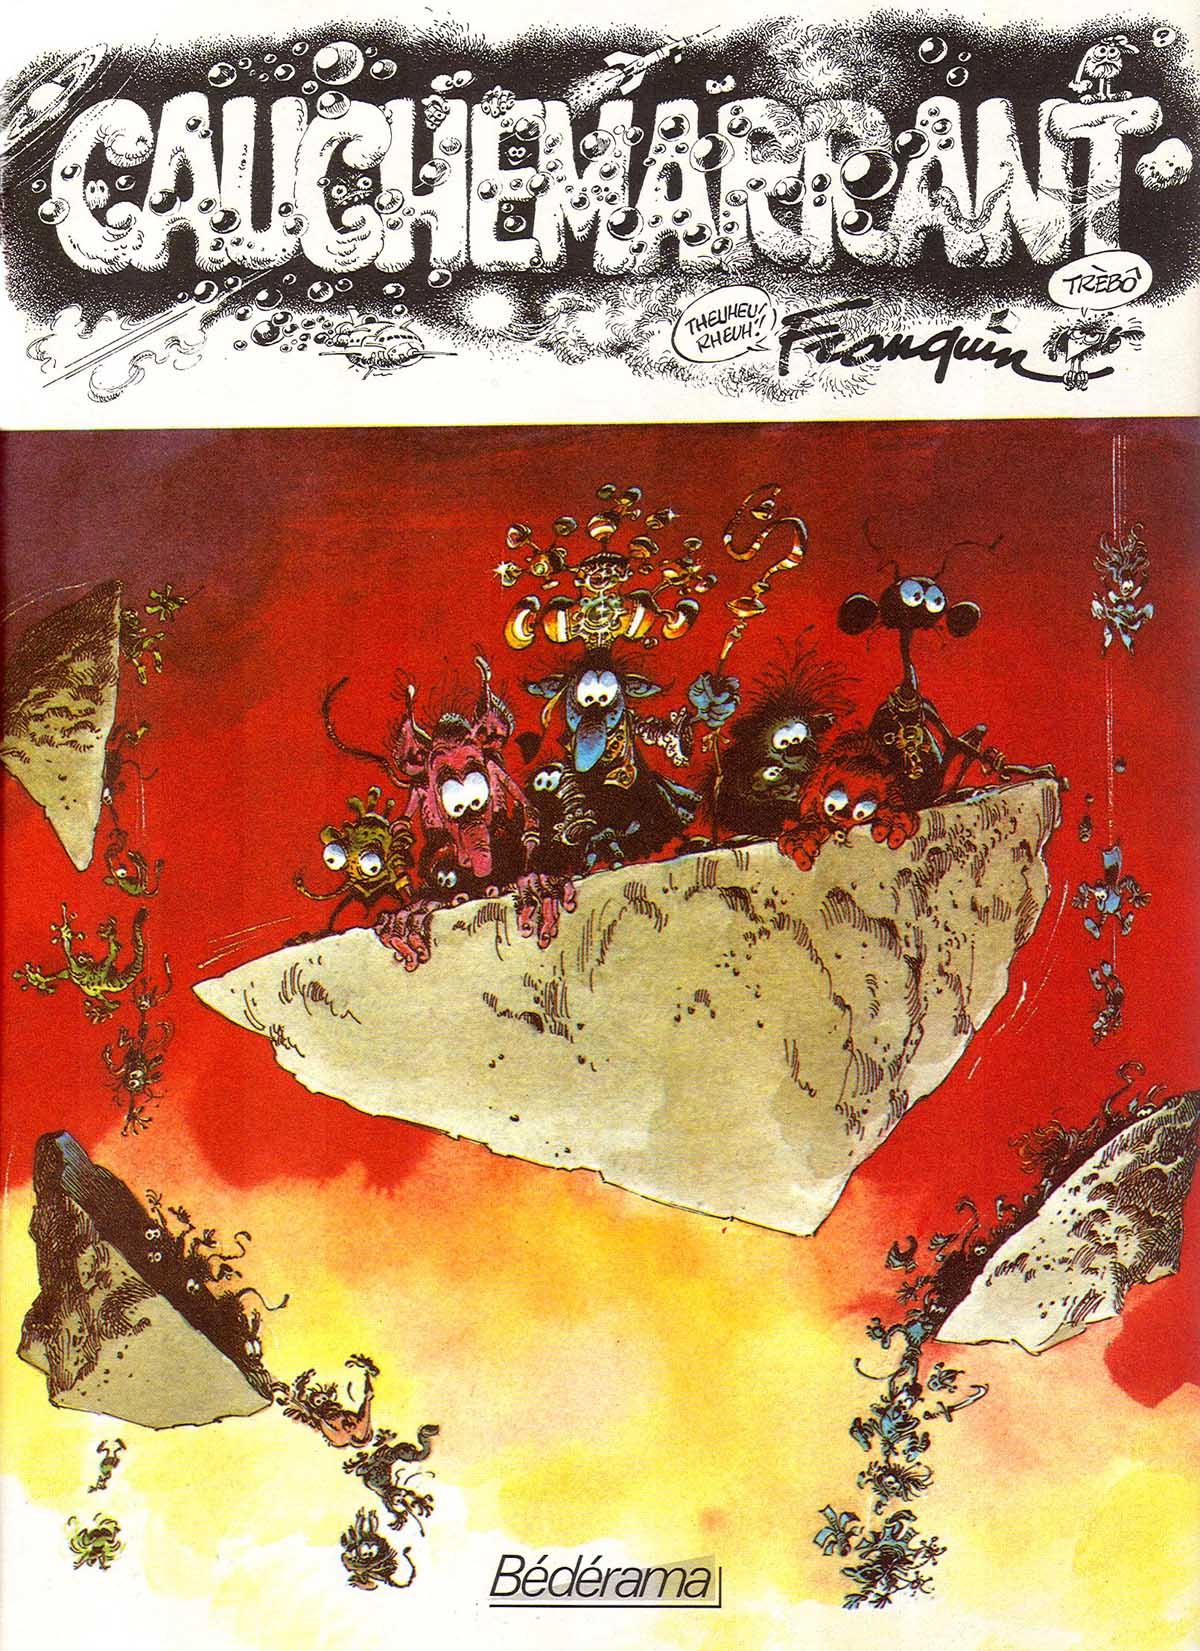 Couverture pour Cauchemarrant (Bédérama - 1979)